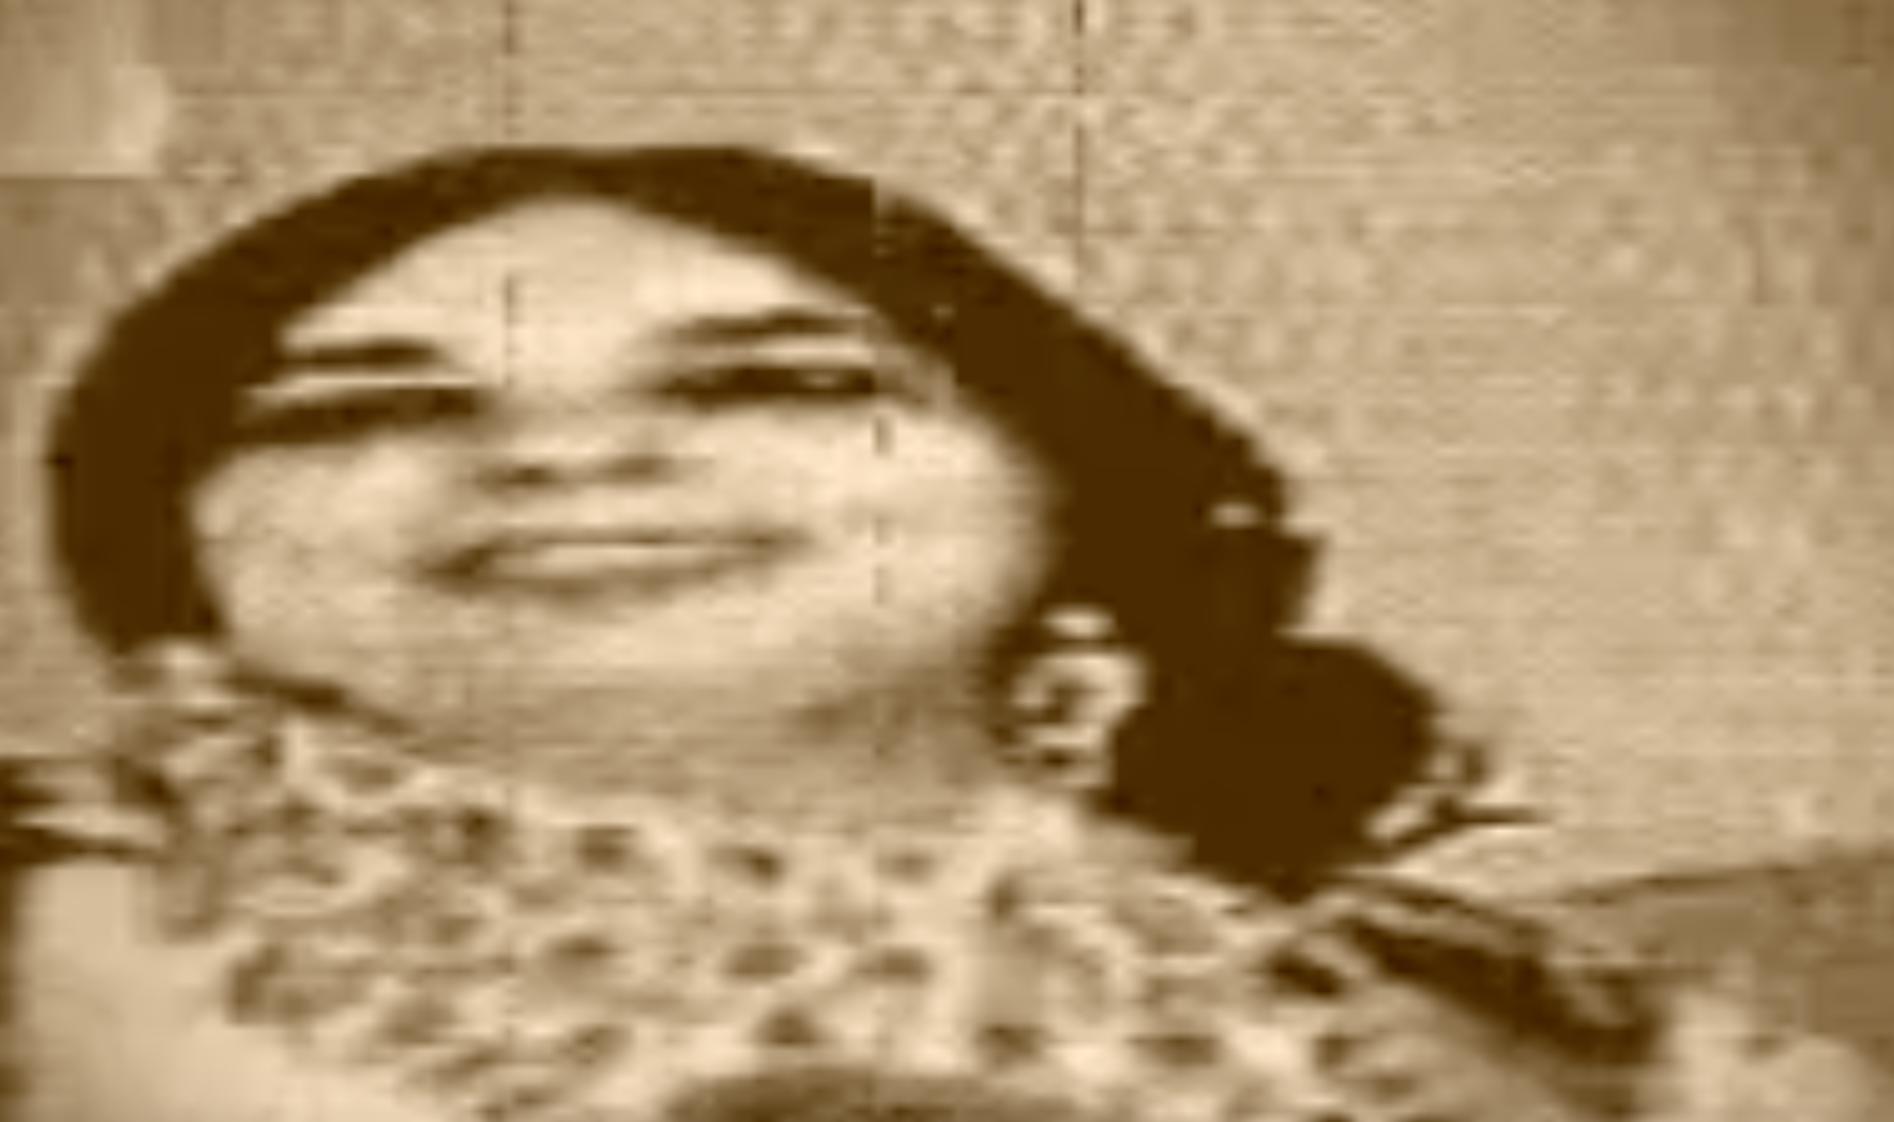 نجمة الطرابلسية صورة التقطت من اليوتيوب